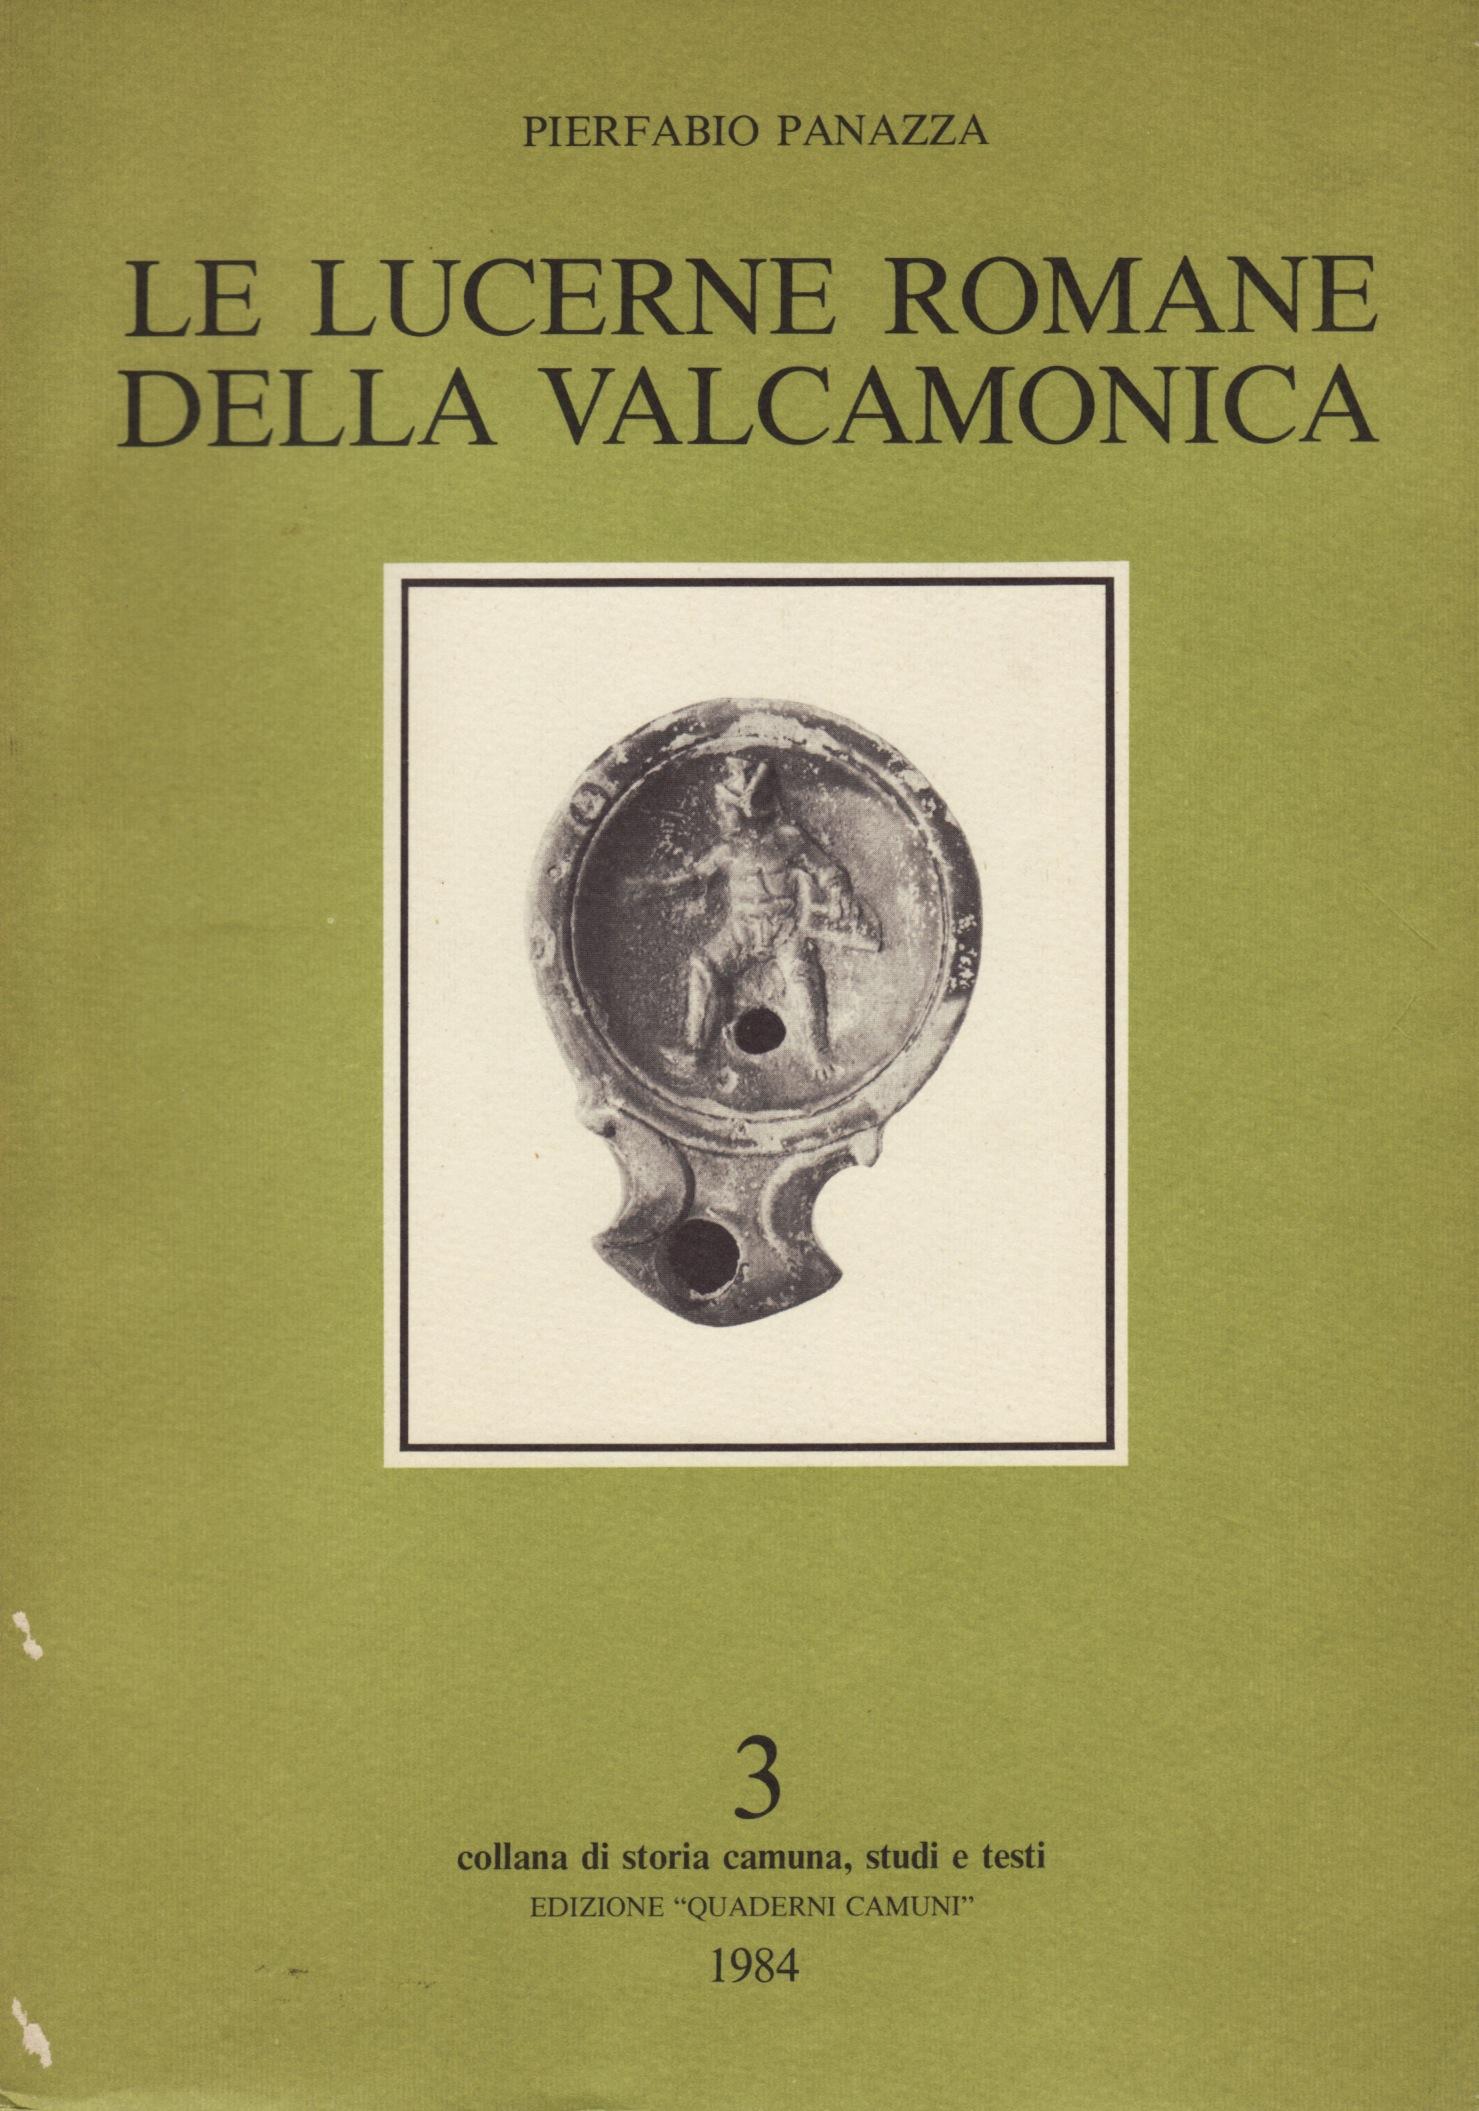 panazza 1984